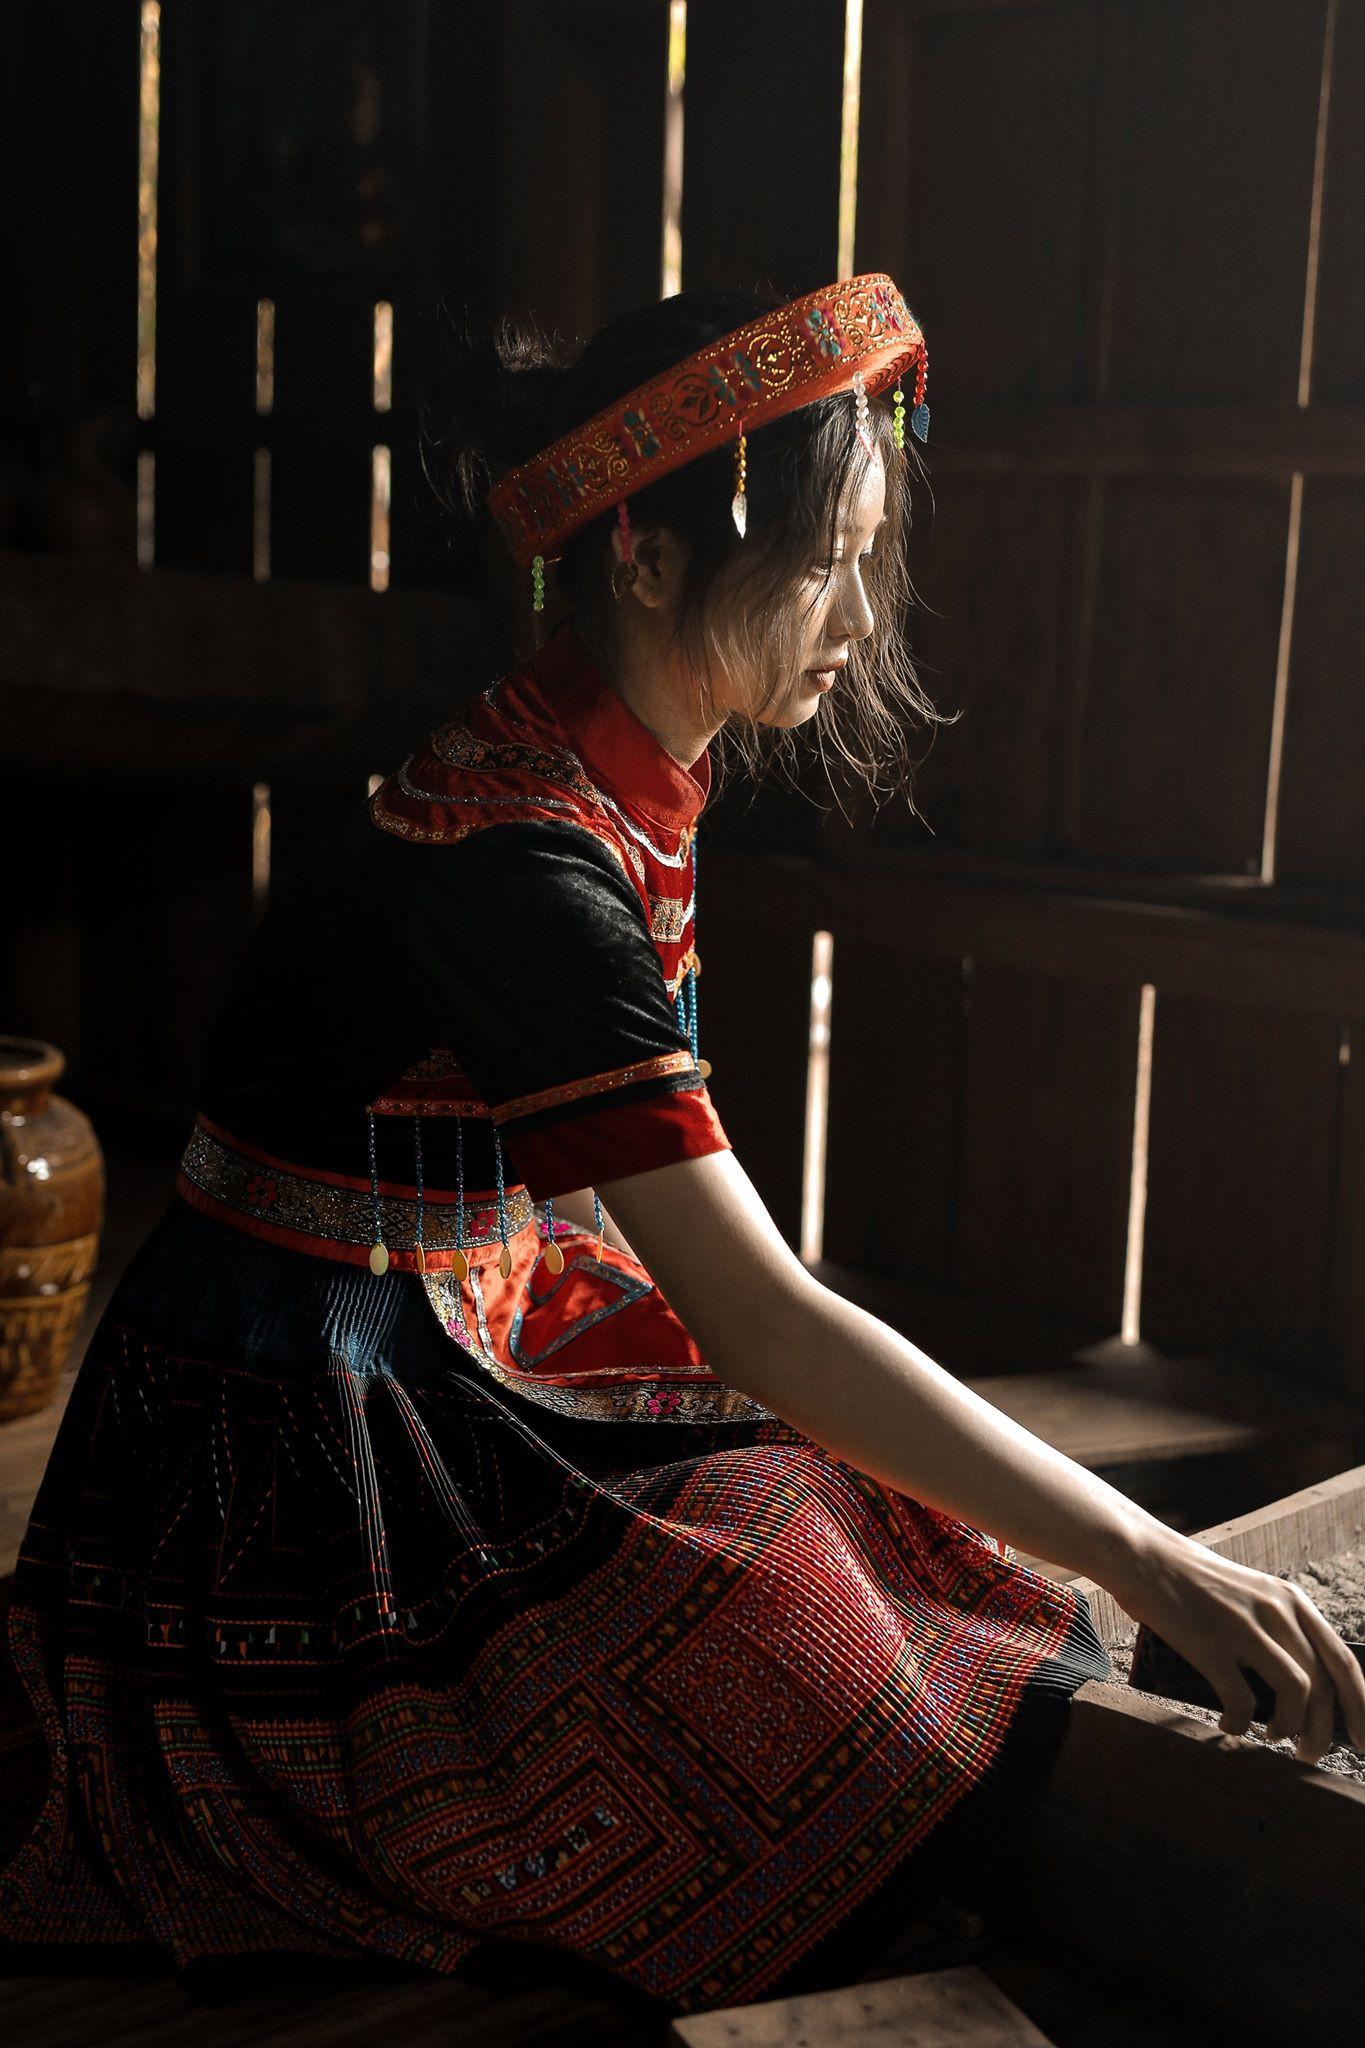 Hoá thân thành Mị trong bộ kỷ yếu Vợ chồng A Phủ, nữ sinh Buôn Ma Thuột gây thương nhớ bởi nhan sắc quá ngọt ngào - Ảnh 3.